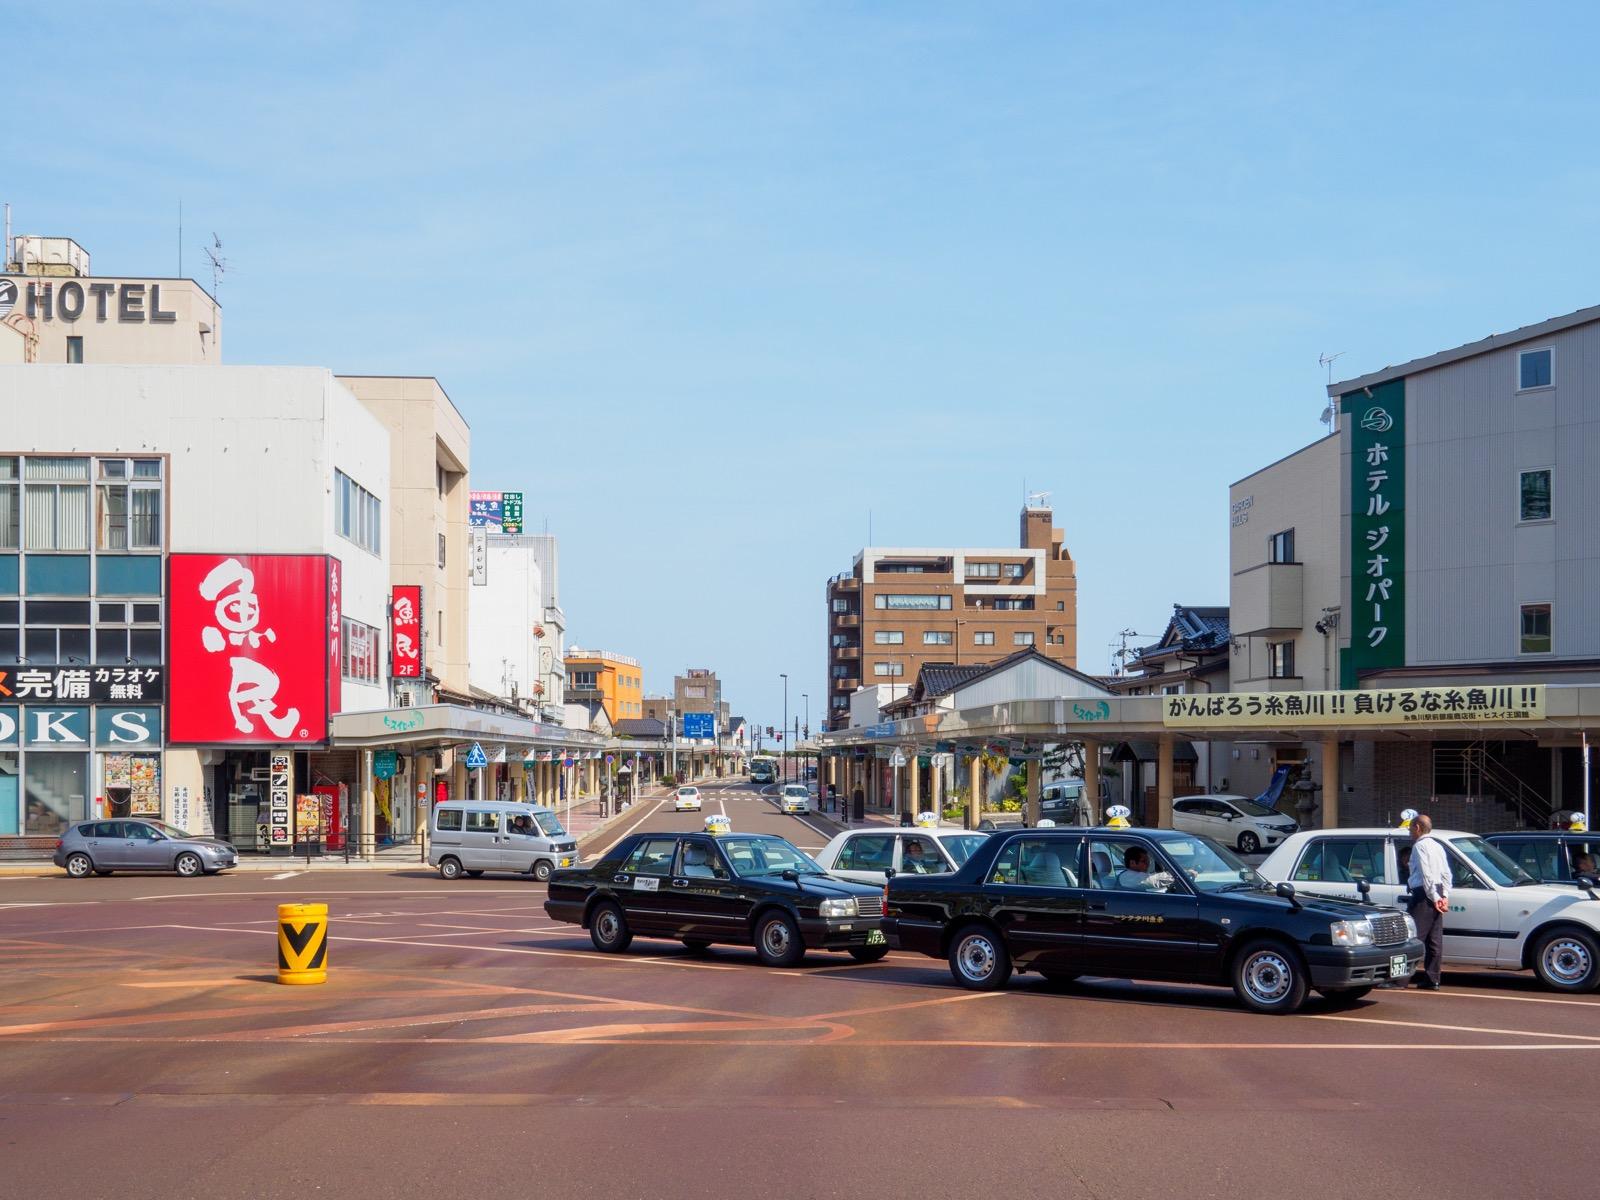 糸魚川駅日本海口(北口)の駅前(2017年4月)